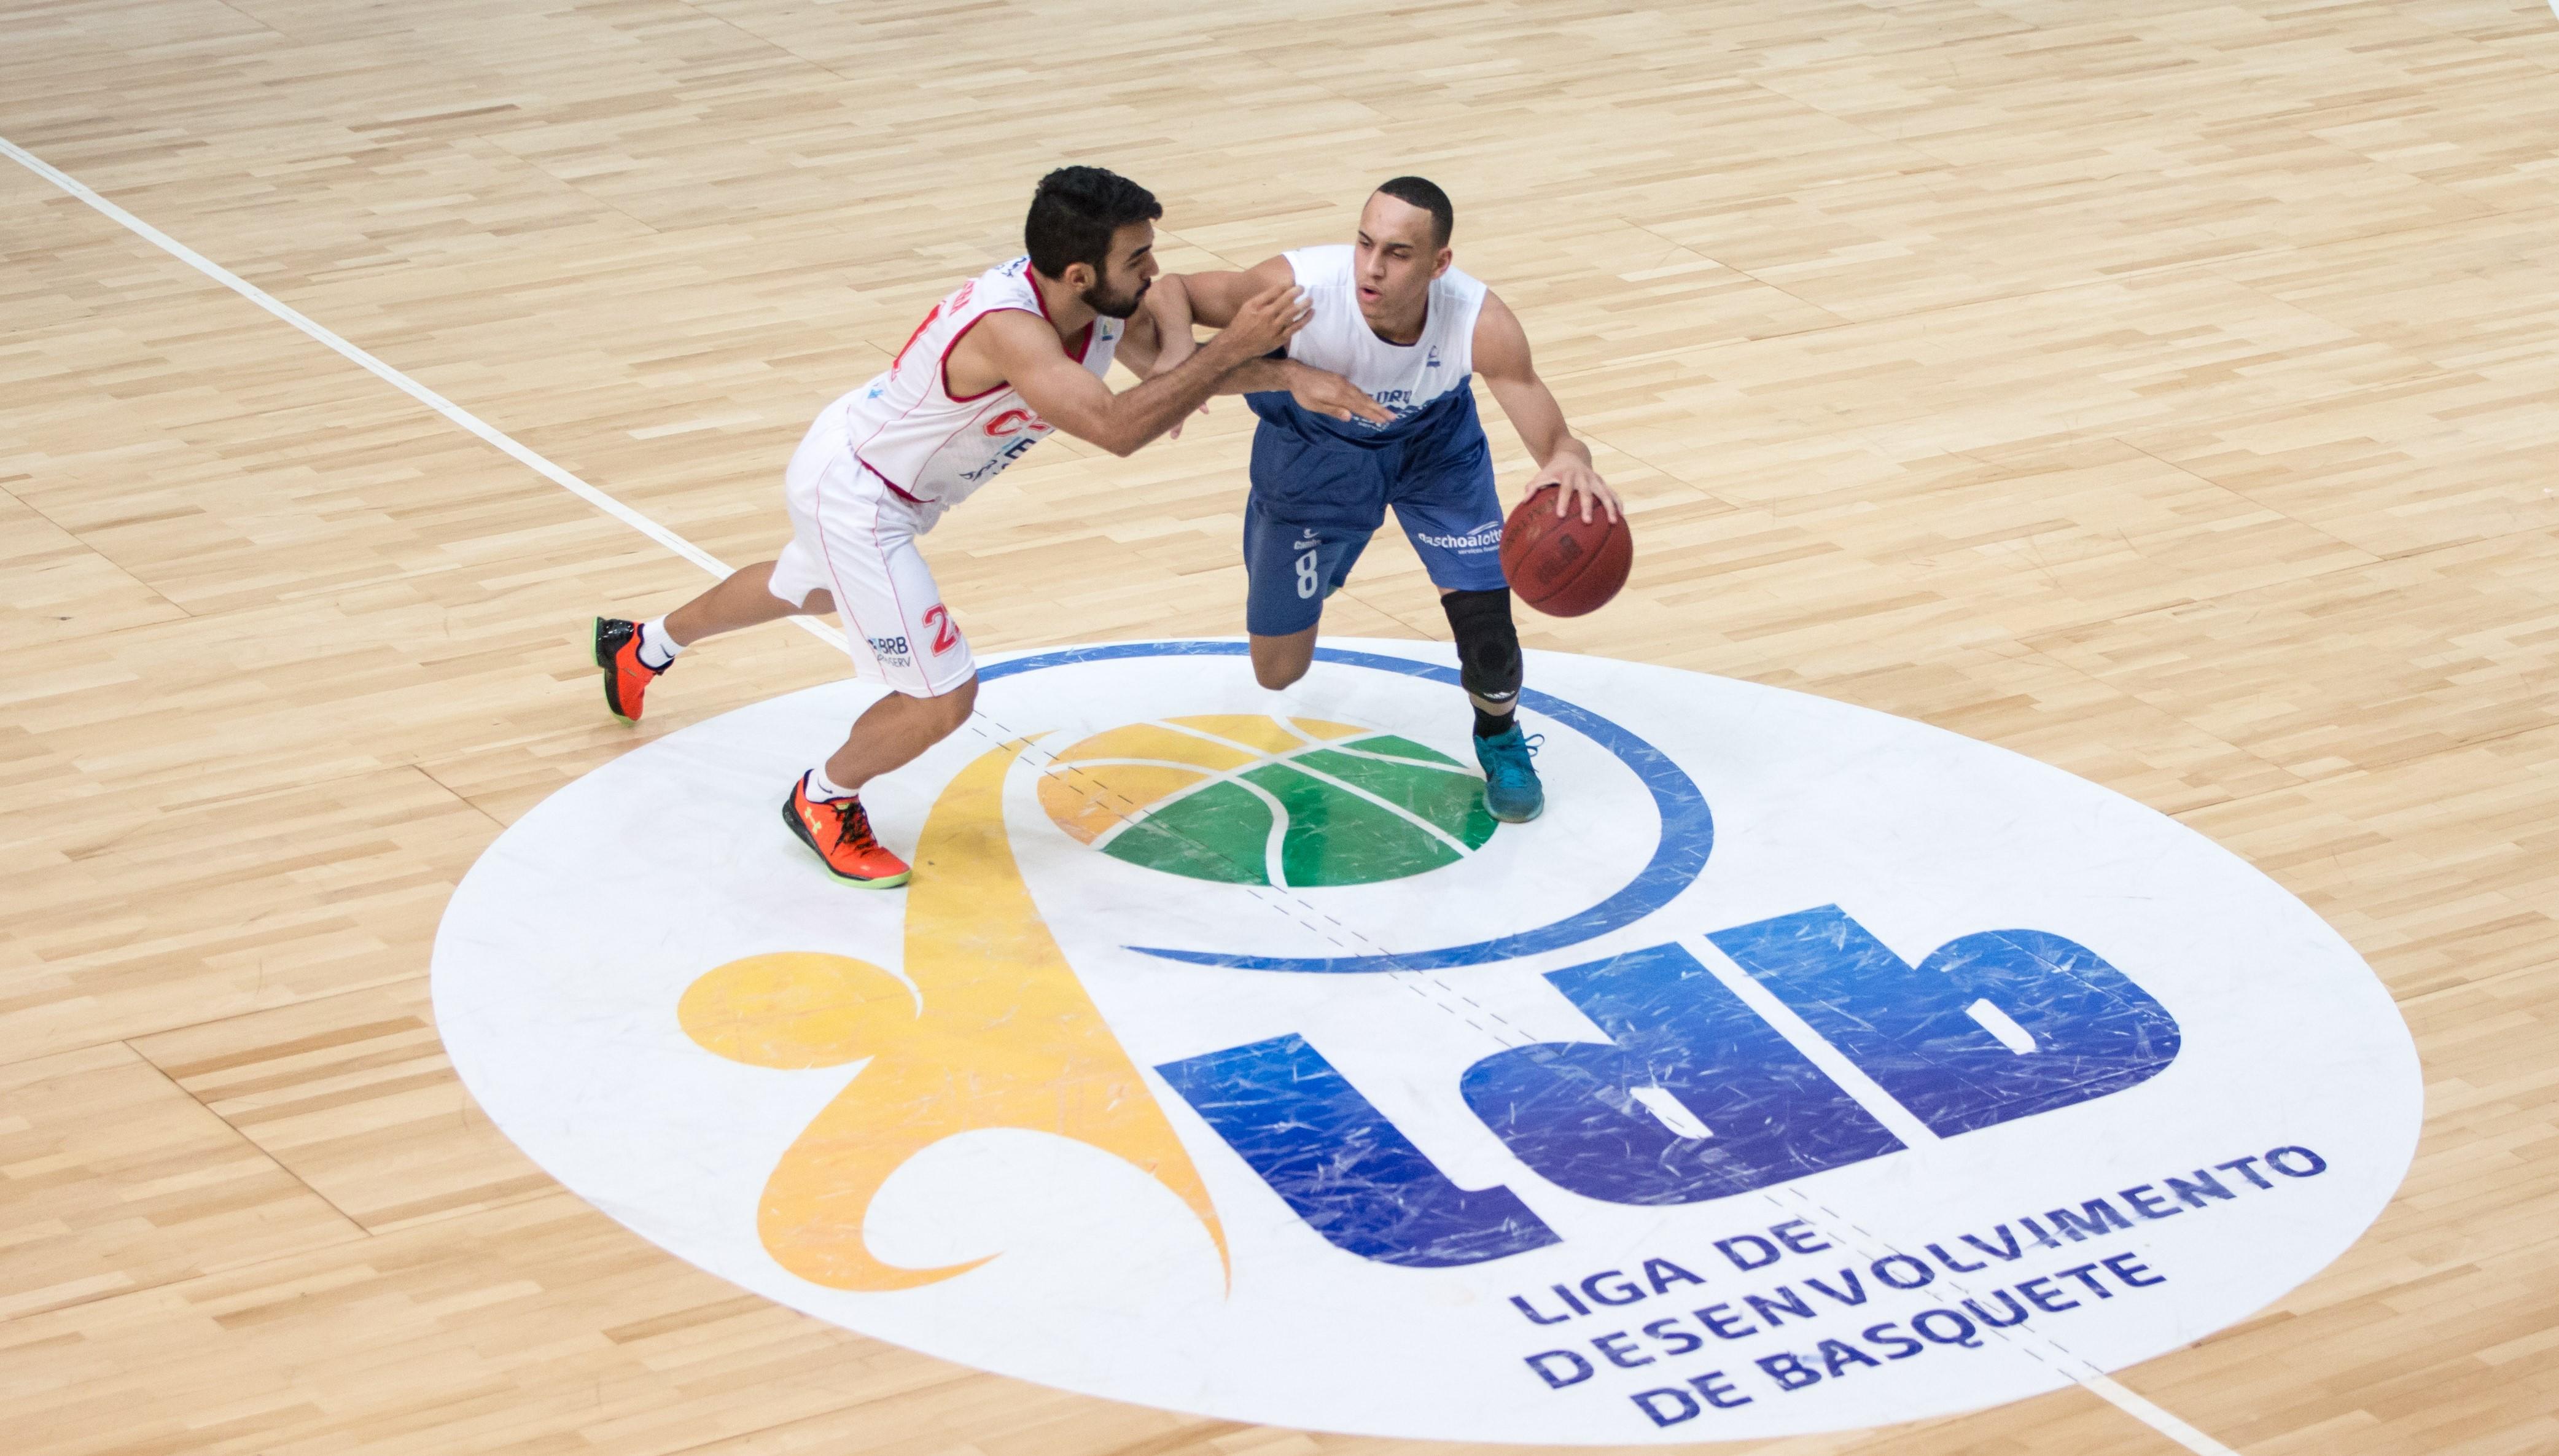 Gui Santos foi o atleta mais eficiente da quadra e foi outra peça importante no triunfo do Bauru (Caio Casagrande/Bauru Basket)